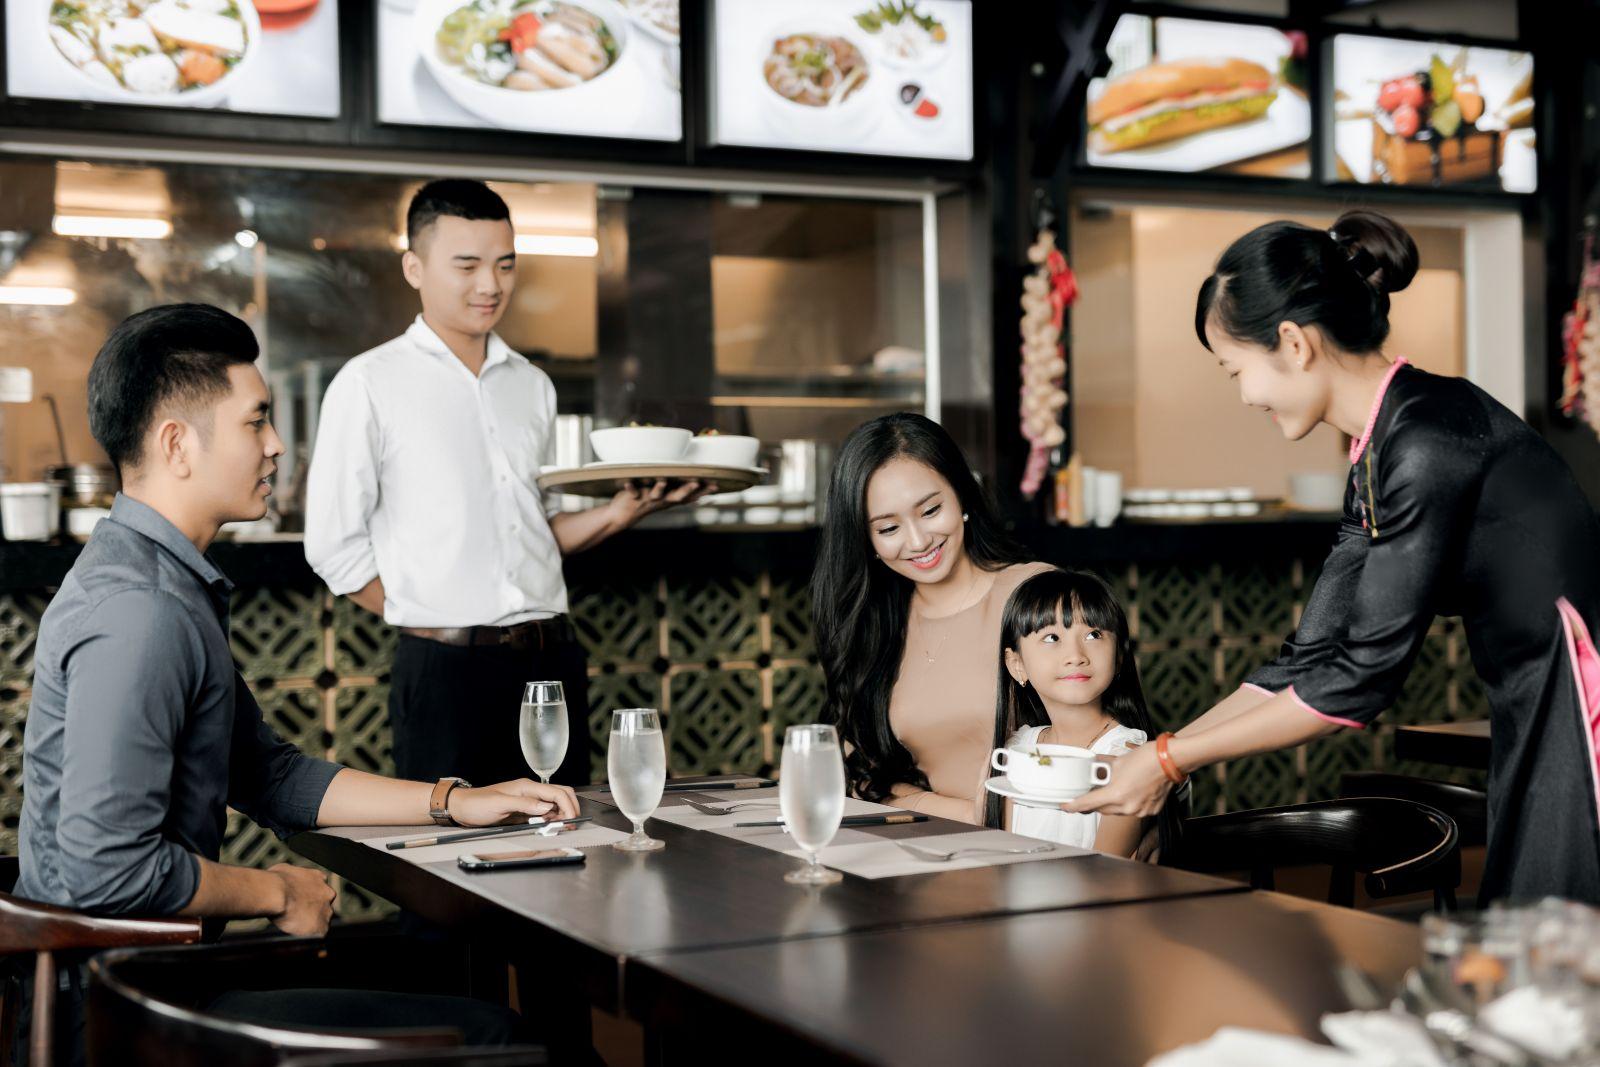 Hướng về tương lai ngành ẩm thực sau làn sóng COVID-19 thứ 4 tại Việt Nam - Ảnh 6.